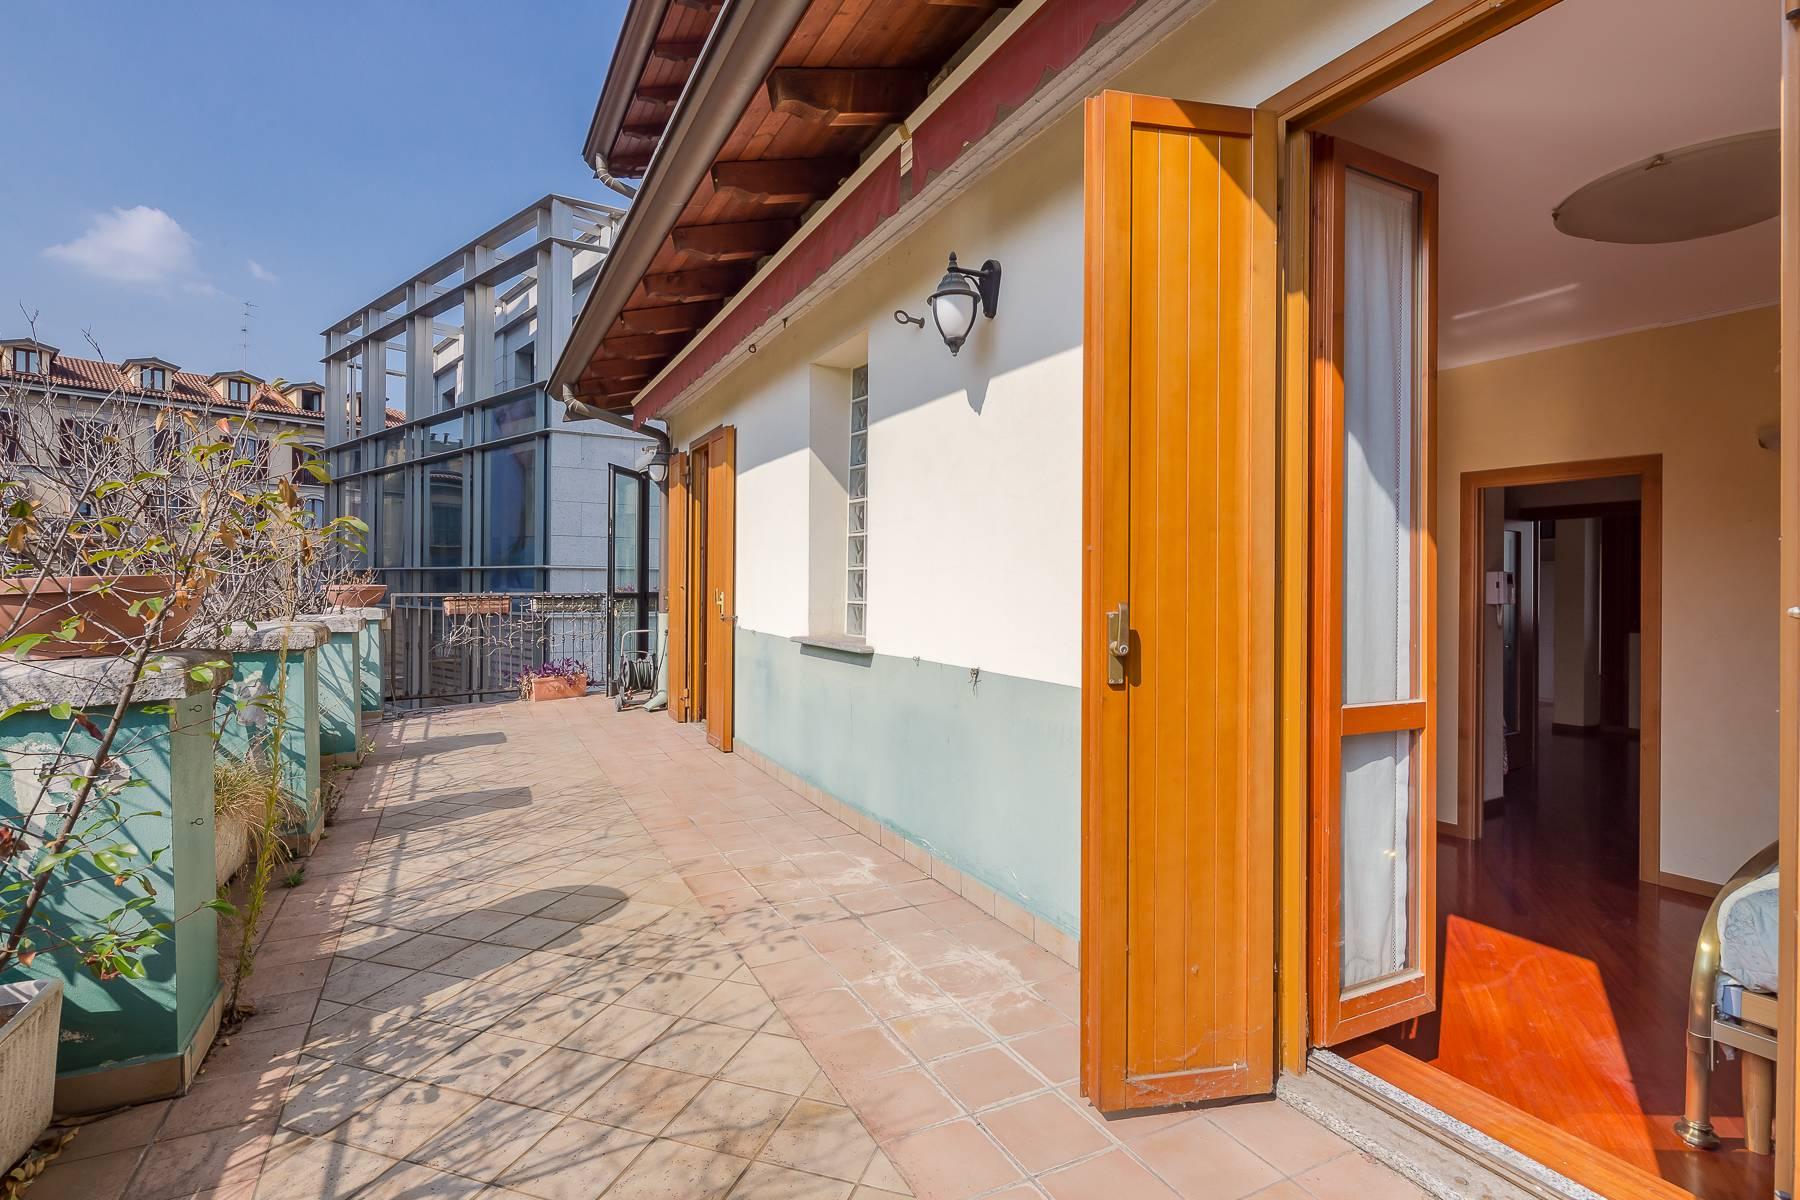 Appartamento in Vendita a Milano 01 Centro storico (Cerchia dei Navigli): 3 locali, 150 mq